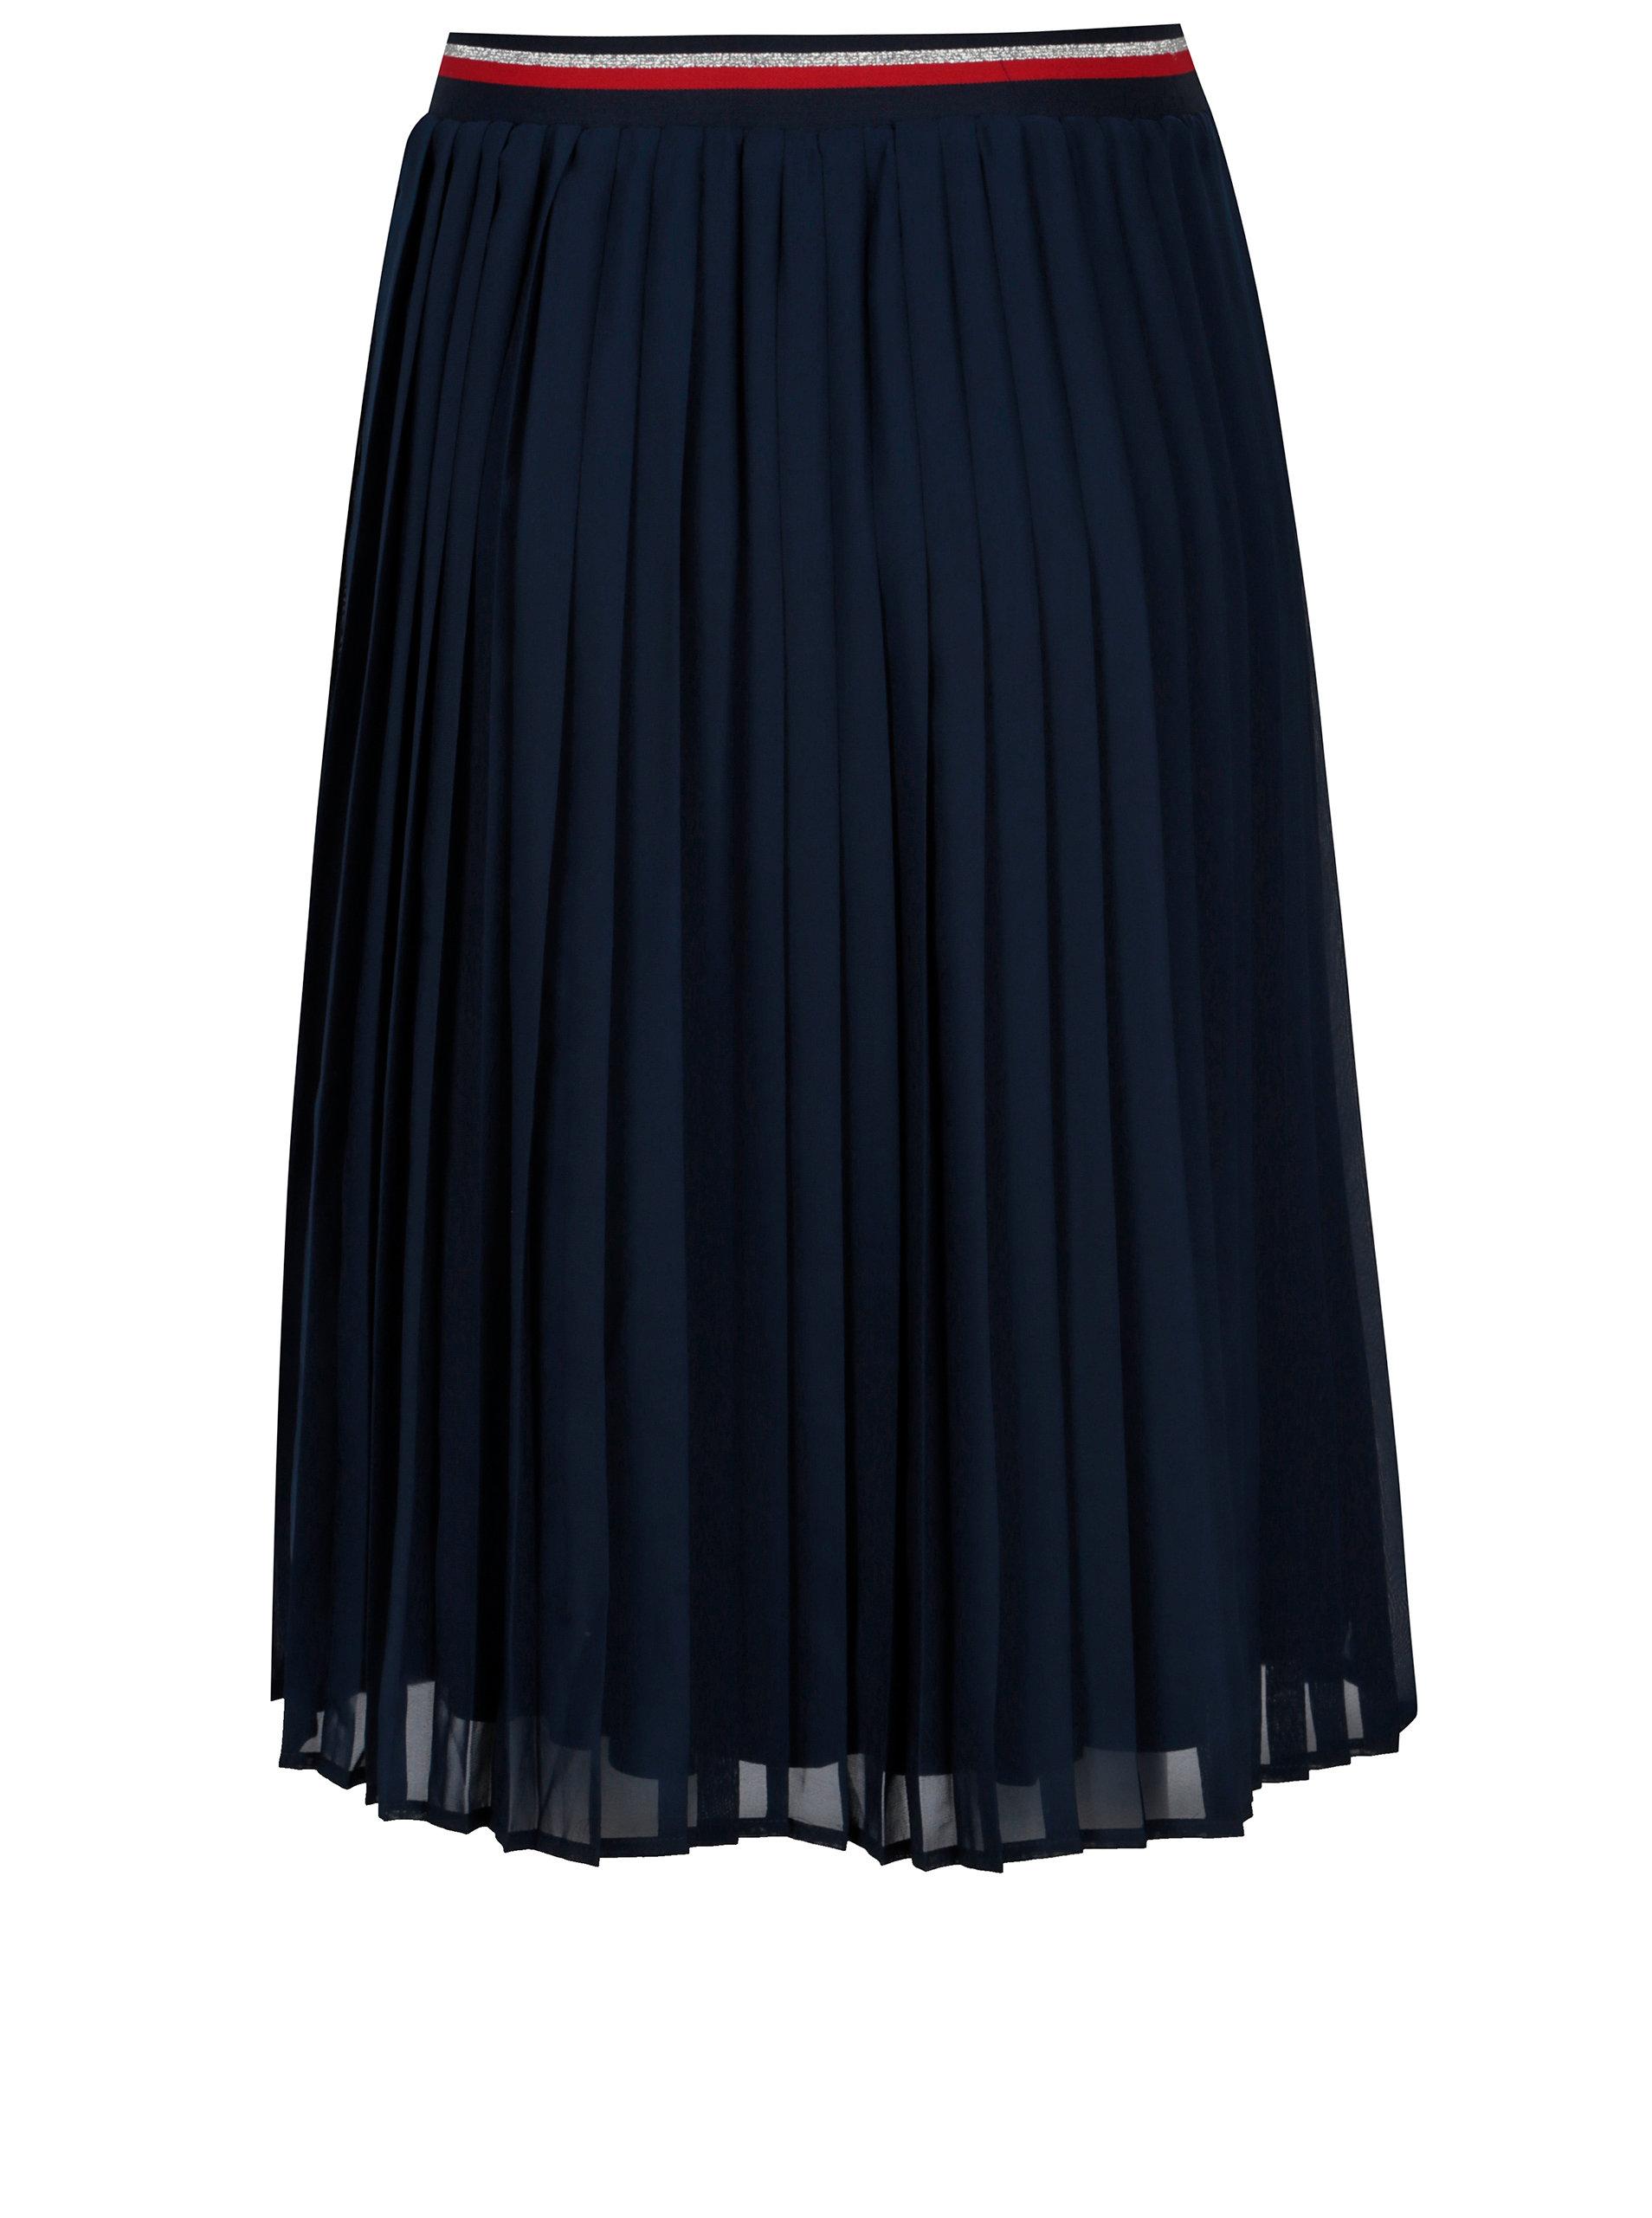 Tmavě modrá dámská plisovaná sukně Broadway Allie ... 8edc10d367